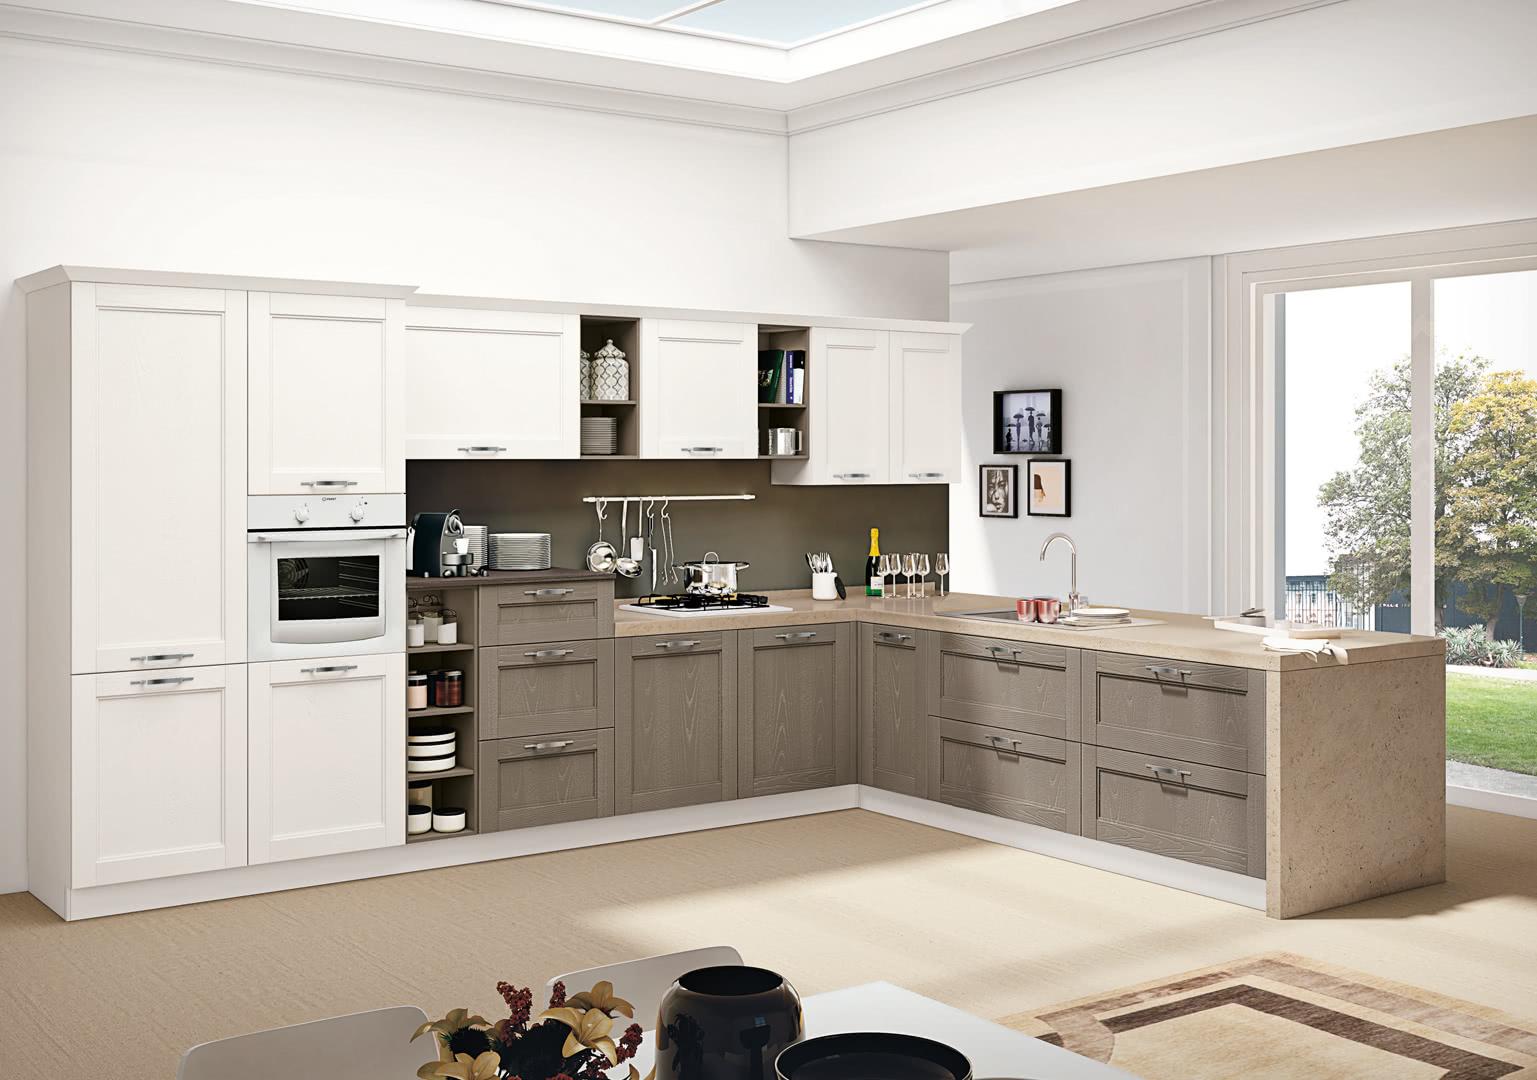 Cucina Iris - Cucine Componibili - Creo Kitchens